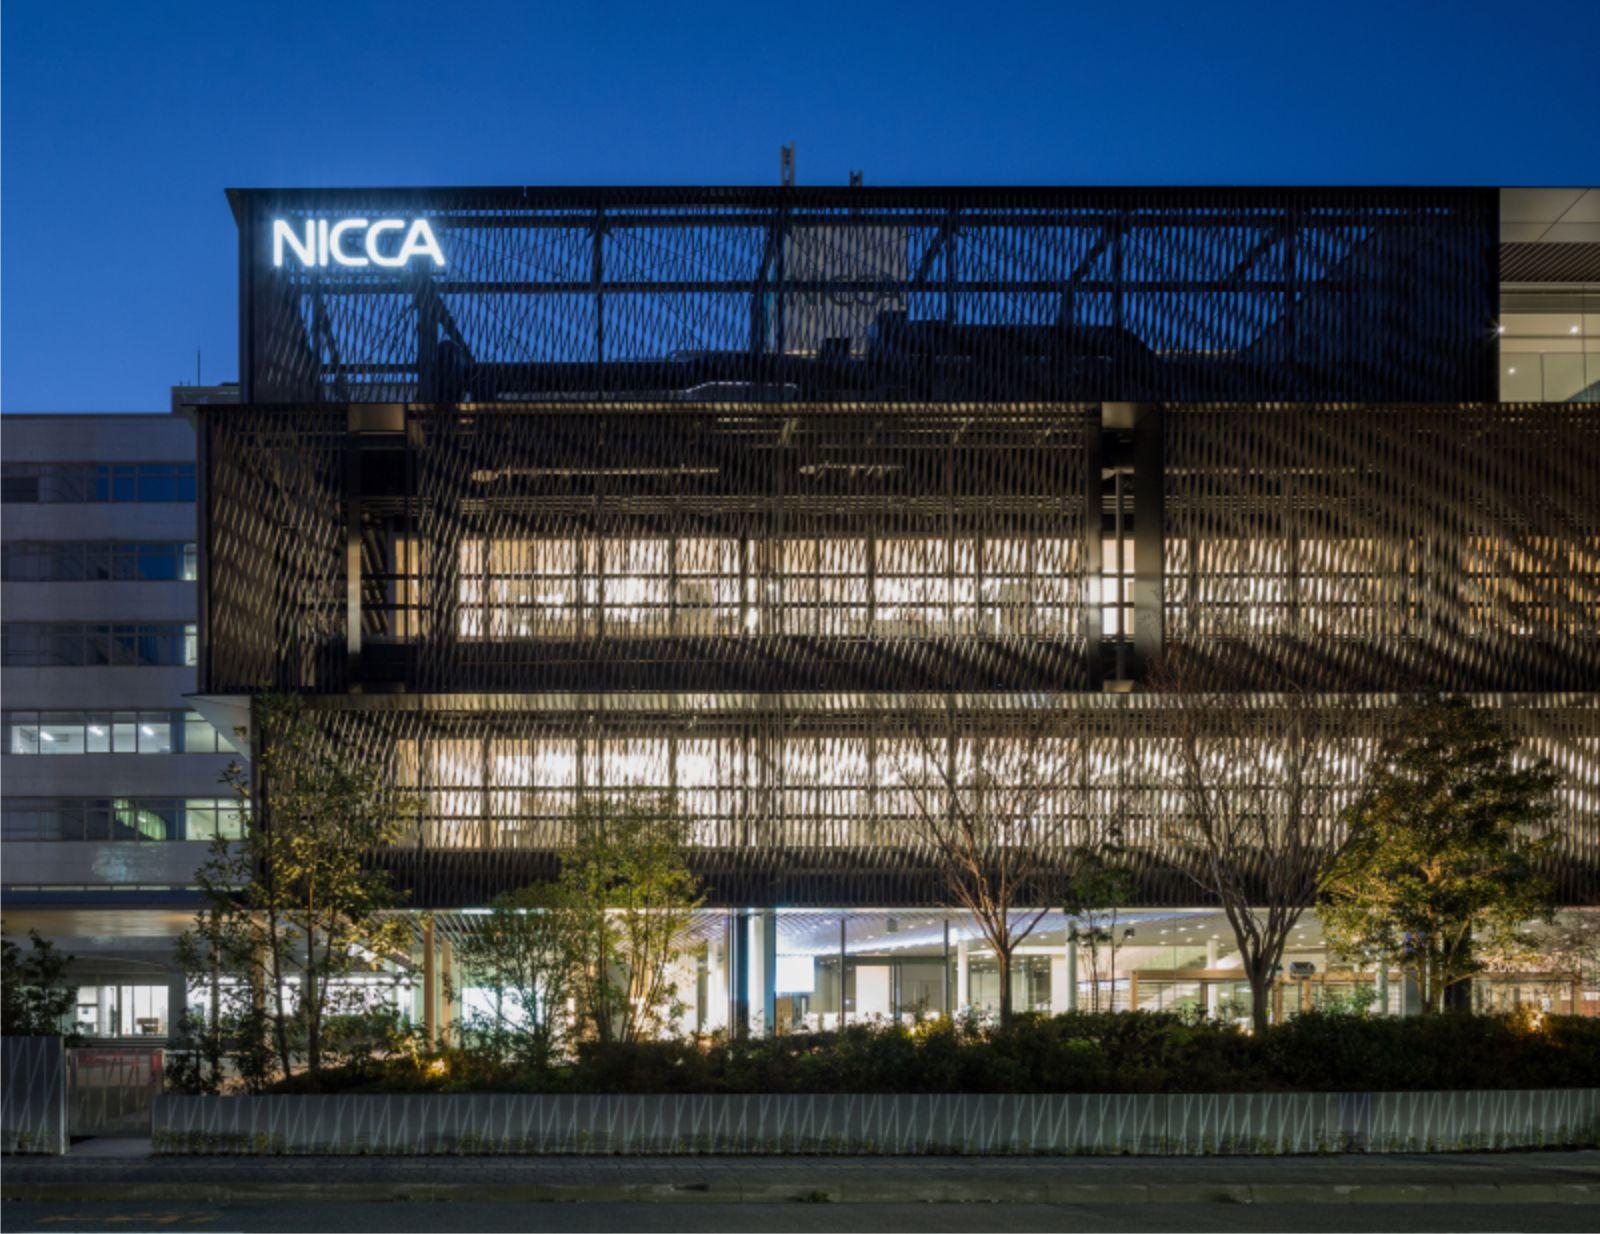 NICCA